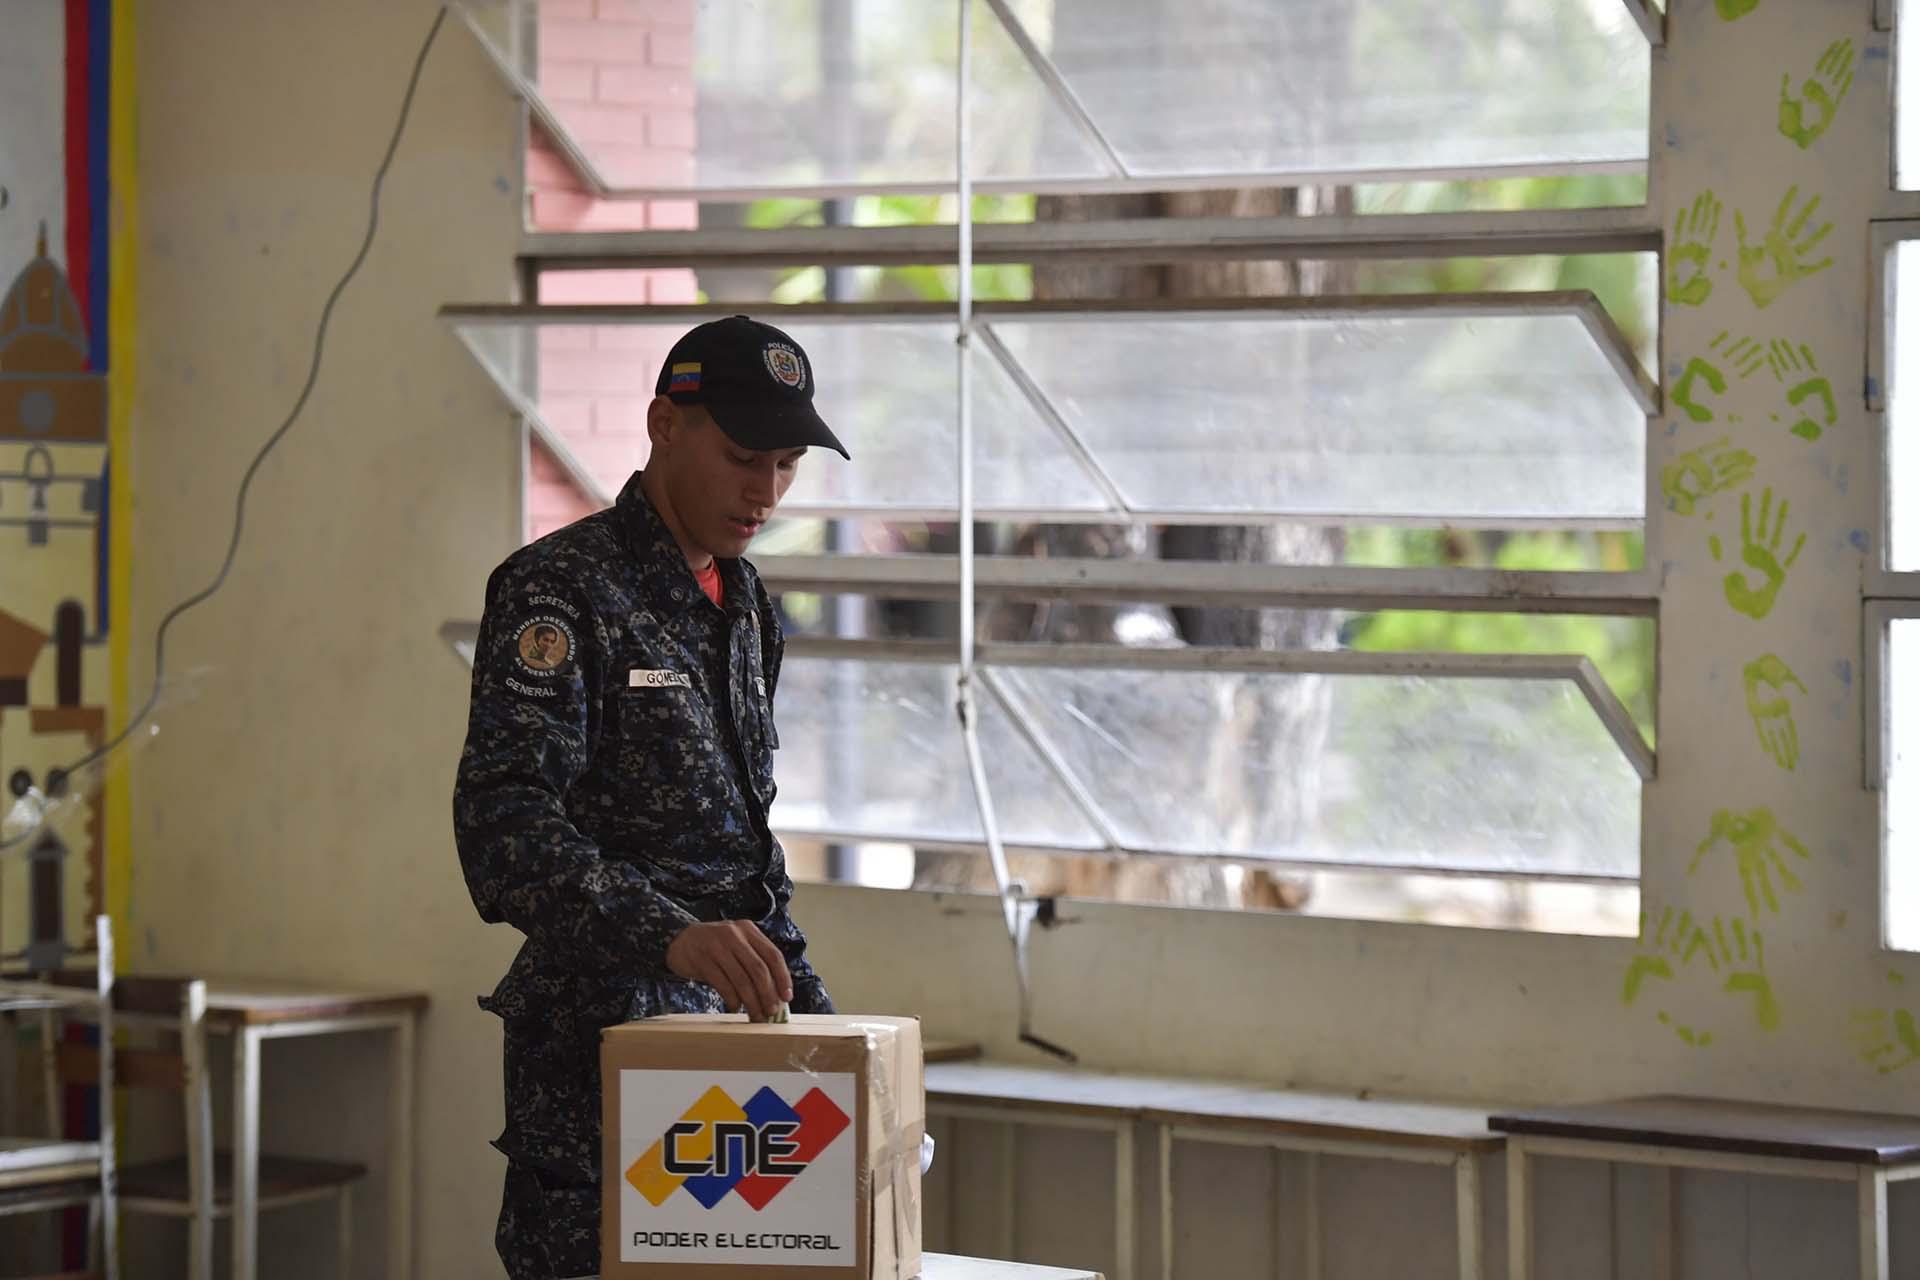 """La oposición acusa a Maduro de haber puesto a su servicio los poderes electoral y judicial, mientras que la cúpula de la Fuerza Armada declara frecuentemente su """"lealtad"""" al dictador chavista"""